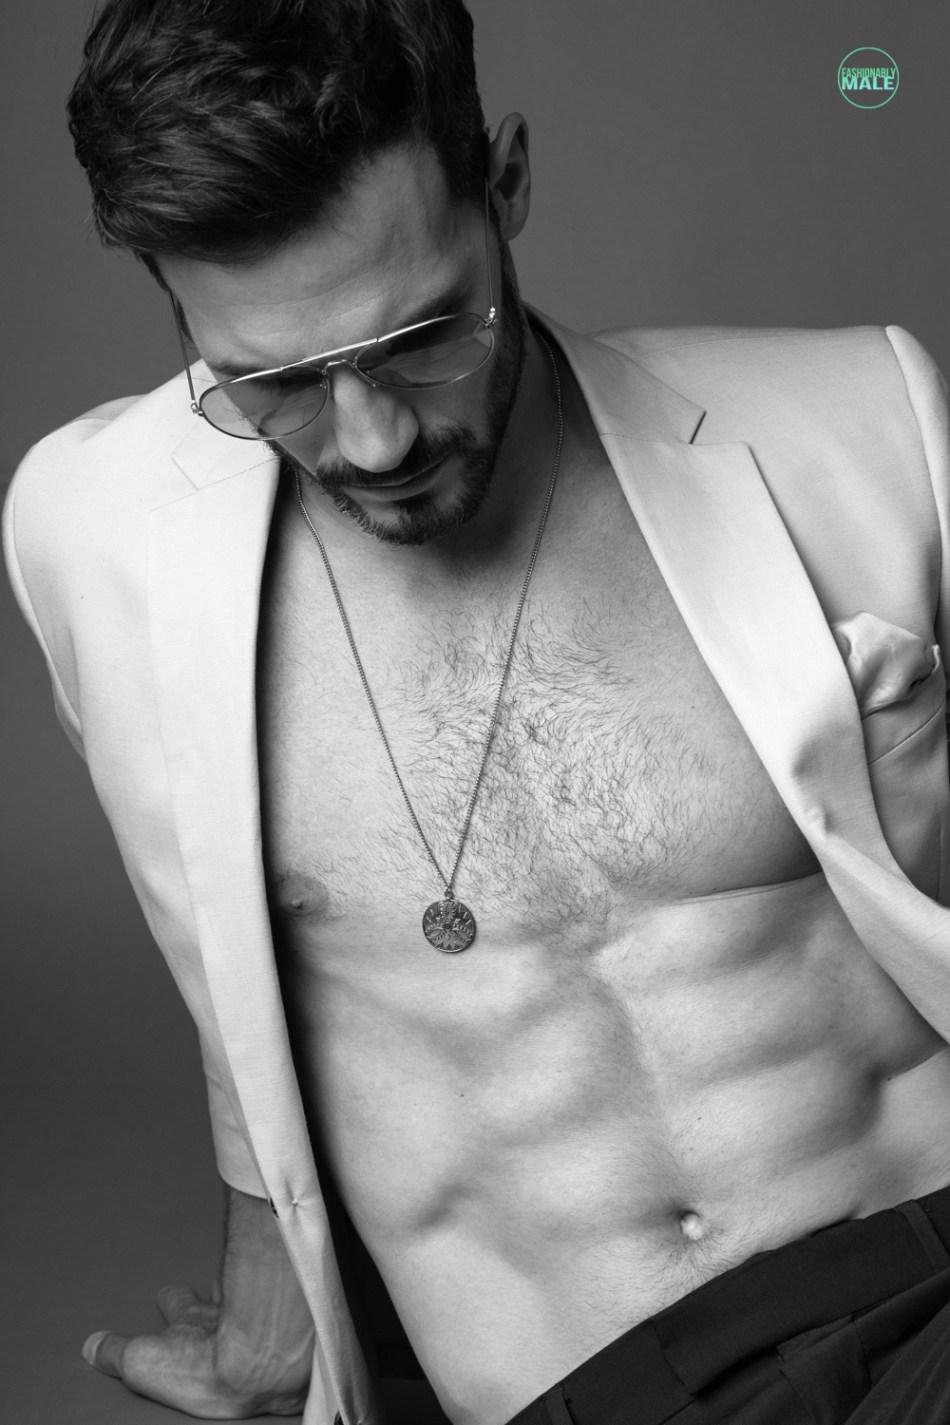 Adam Cowie by Malc Stone Fashionably Male7